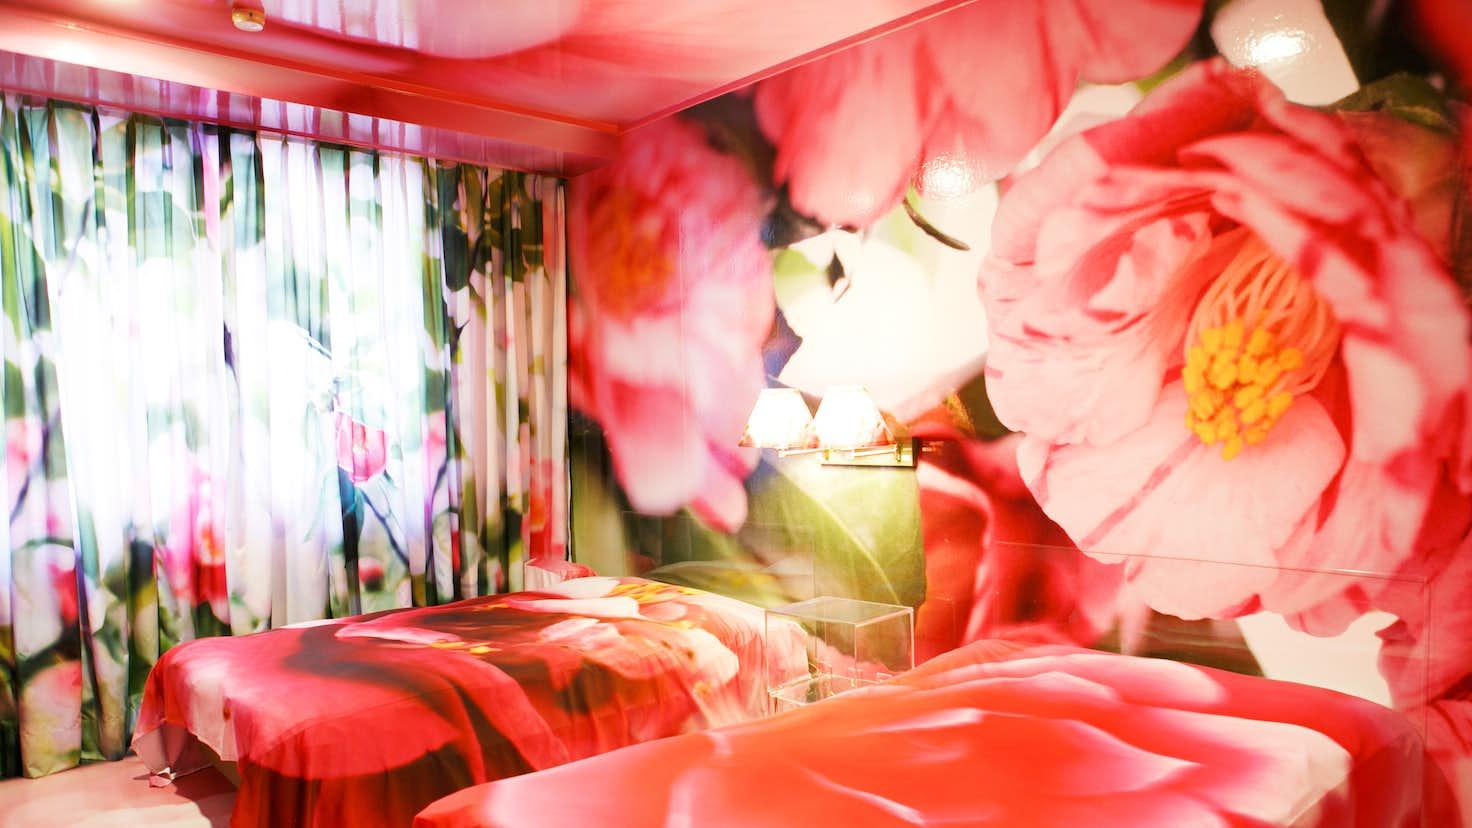 実花 虻川 《蜷川実花・蜷川宏子 二人展》濃厚な色彩感覚が凝縮された、母と娘の作品が融合する「二人展」。